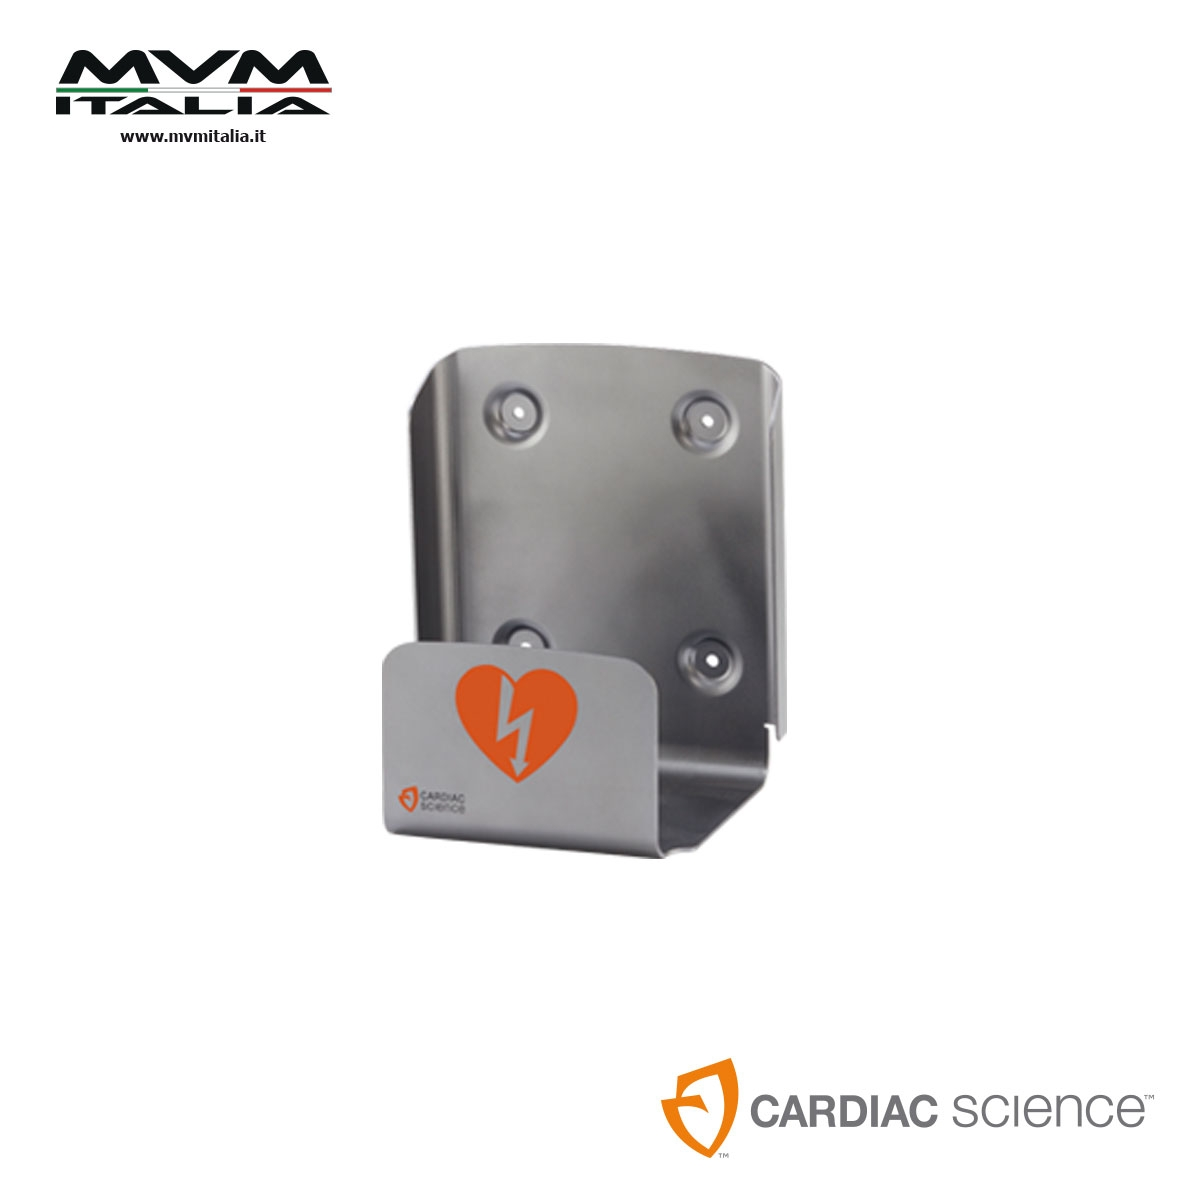 Supporto a parete in metallo CARDIAC science per defibrillatore